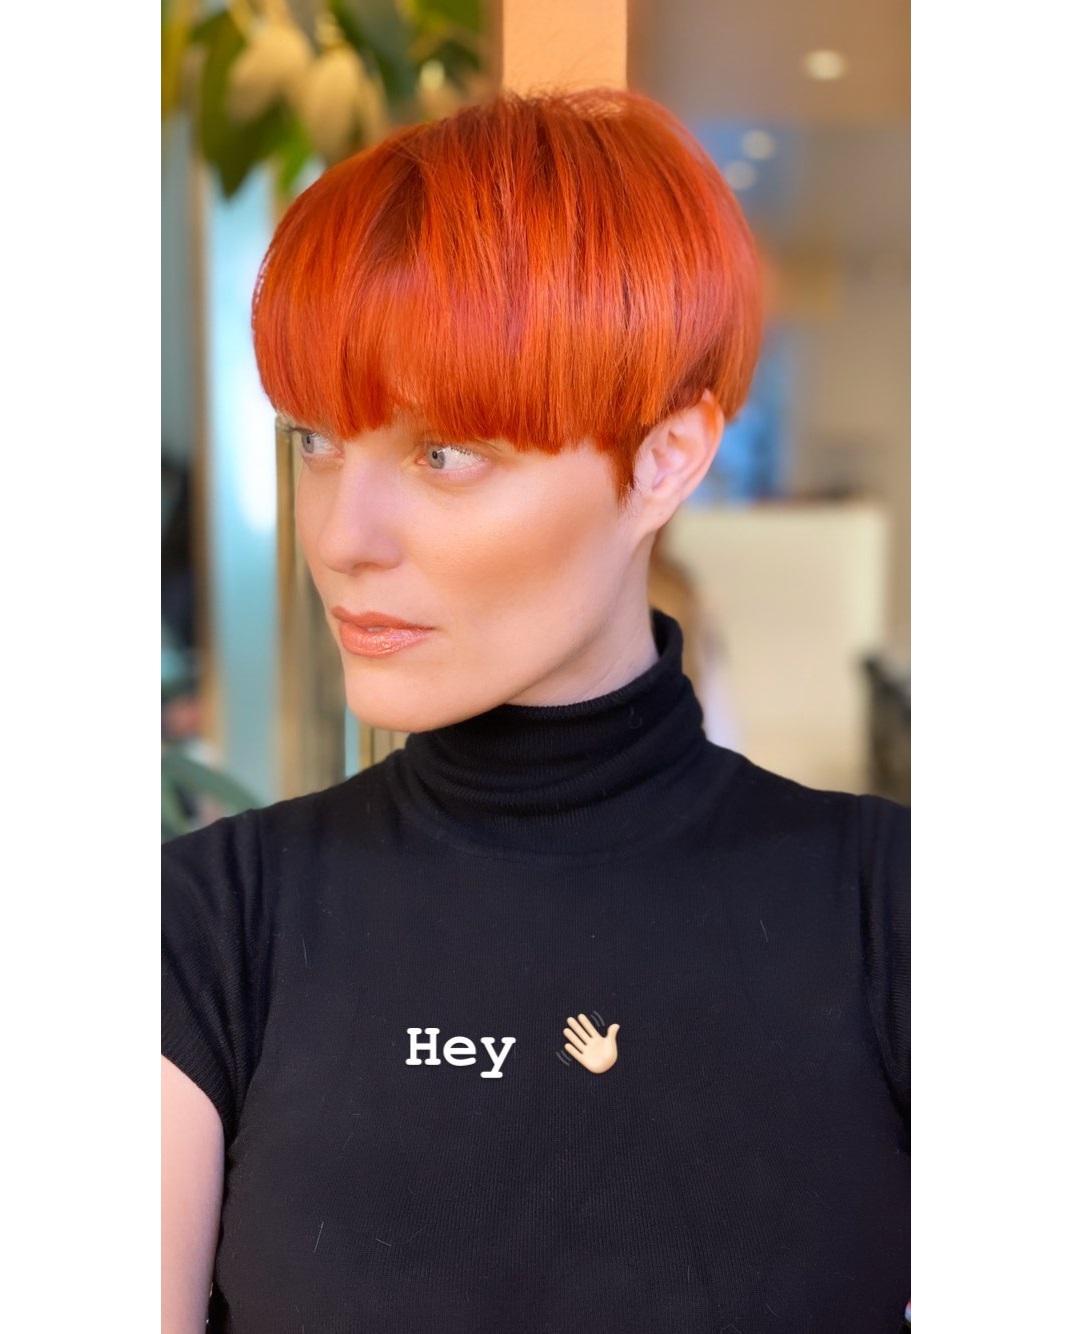 Η Αναστασία Περράκη με κόκκινα μαλλιά και μαύρο ζιβάγκο